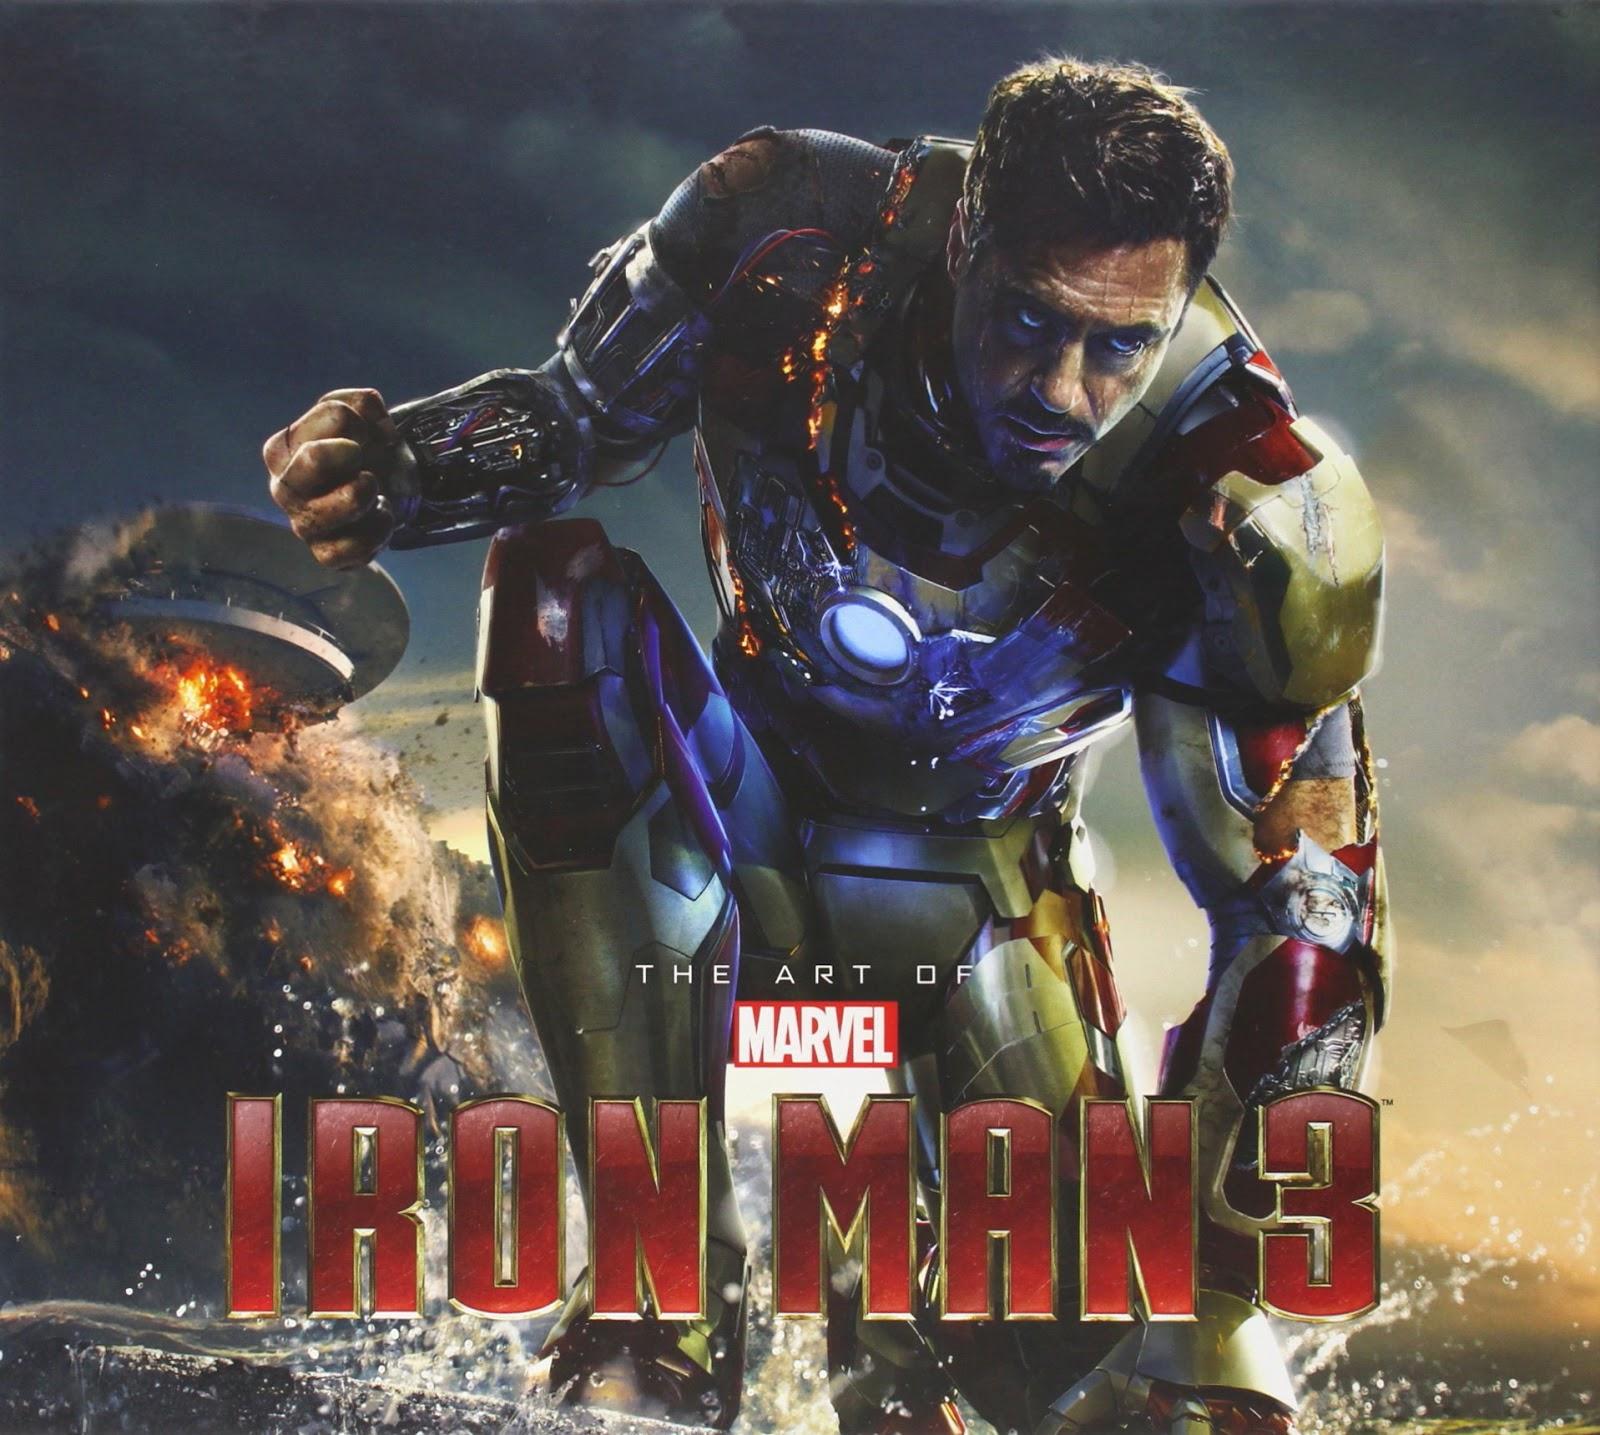 iron man full movie hd download in dual audio worldfree4u